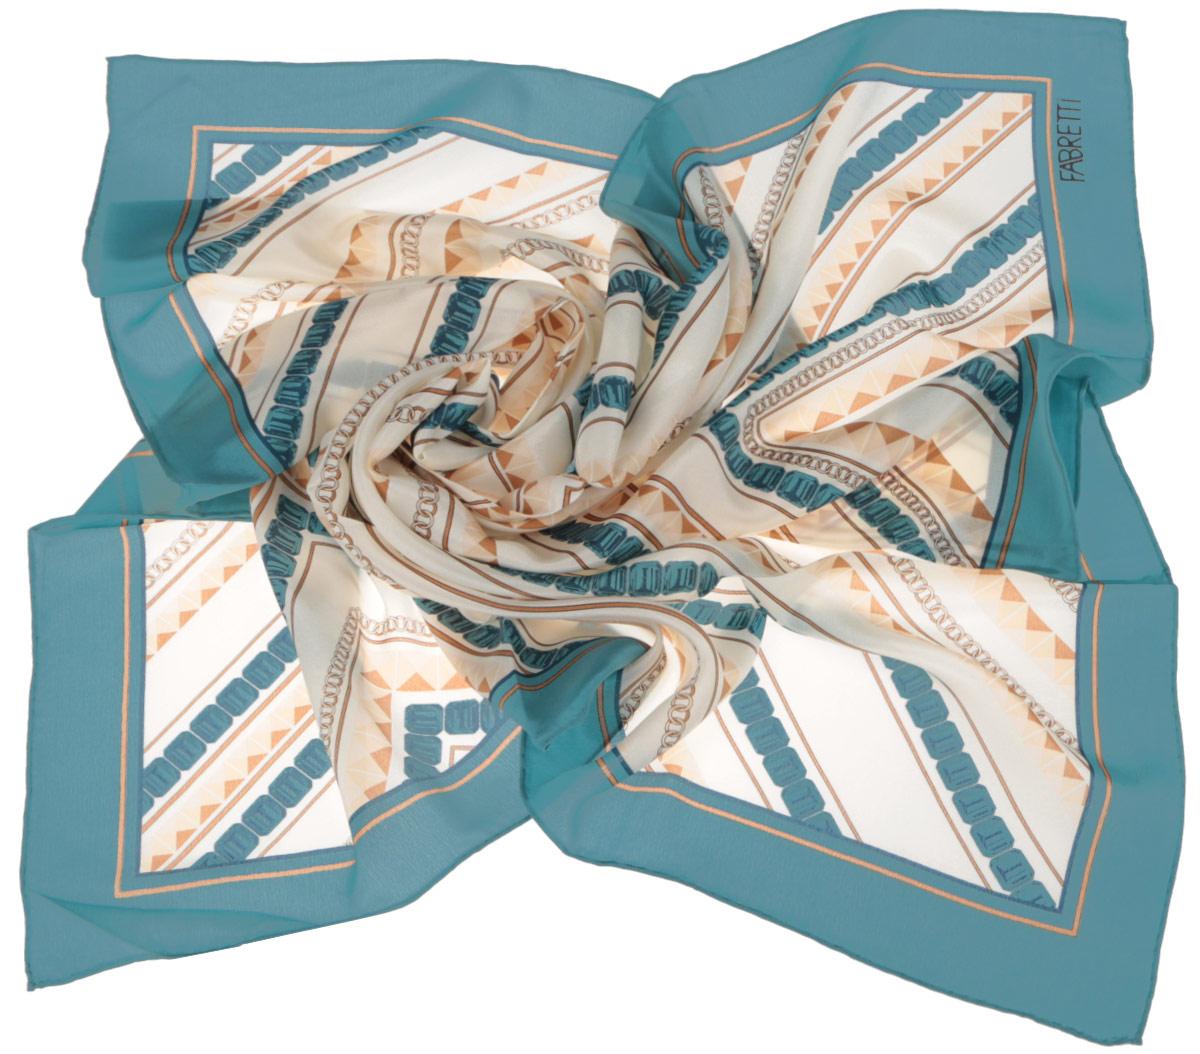 Платок женский Fabretti, цвет: бирюзовый, бежевый. CX1516-51-1. Размер 53 см х 53 смCX1516-51-1Стильный женский платок Fabretti станет великолепным завершением любого наряда. Платок изготовлен из высококачественного 100% шелка и оформлен оригинальным геометрическим принтом.Классическая квадратная форма позволяет носить платок на шее, украшать им прическу или декорировать сумочку. Мягкий и шелковистый платок поможет вам создать изысканный женственный образ, а также согреет в непогоду. Такой платок превосходно дополнит любой наряд и подчеркнет ваш неповторимый вкус и элегантность.